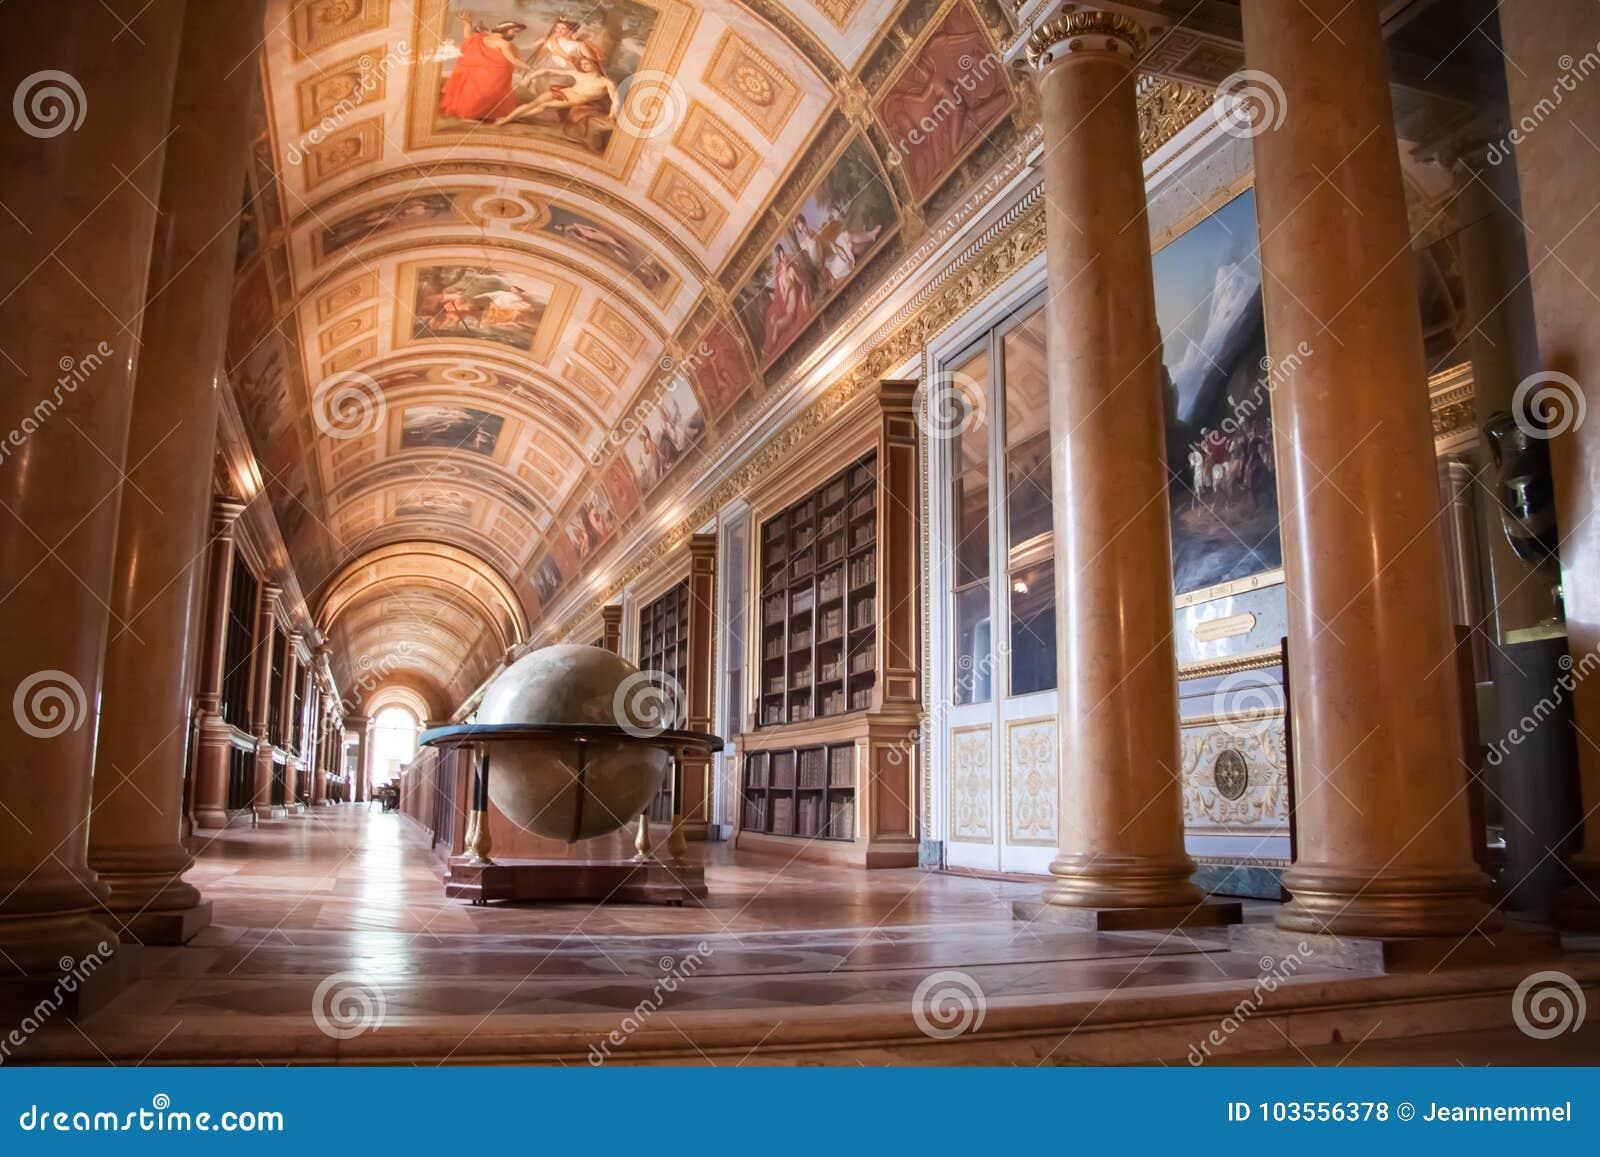 Innenraum des Fontainebleau-Palastes Galerie von Diana mit einer großen Kugel